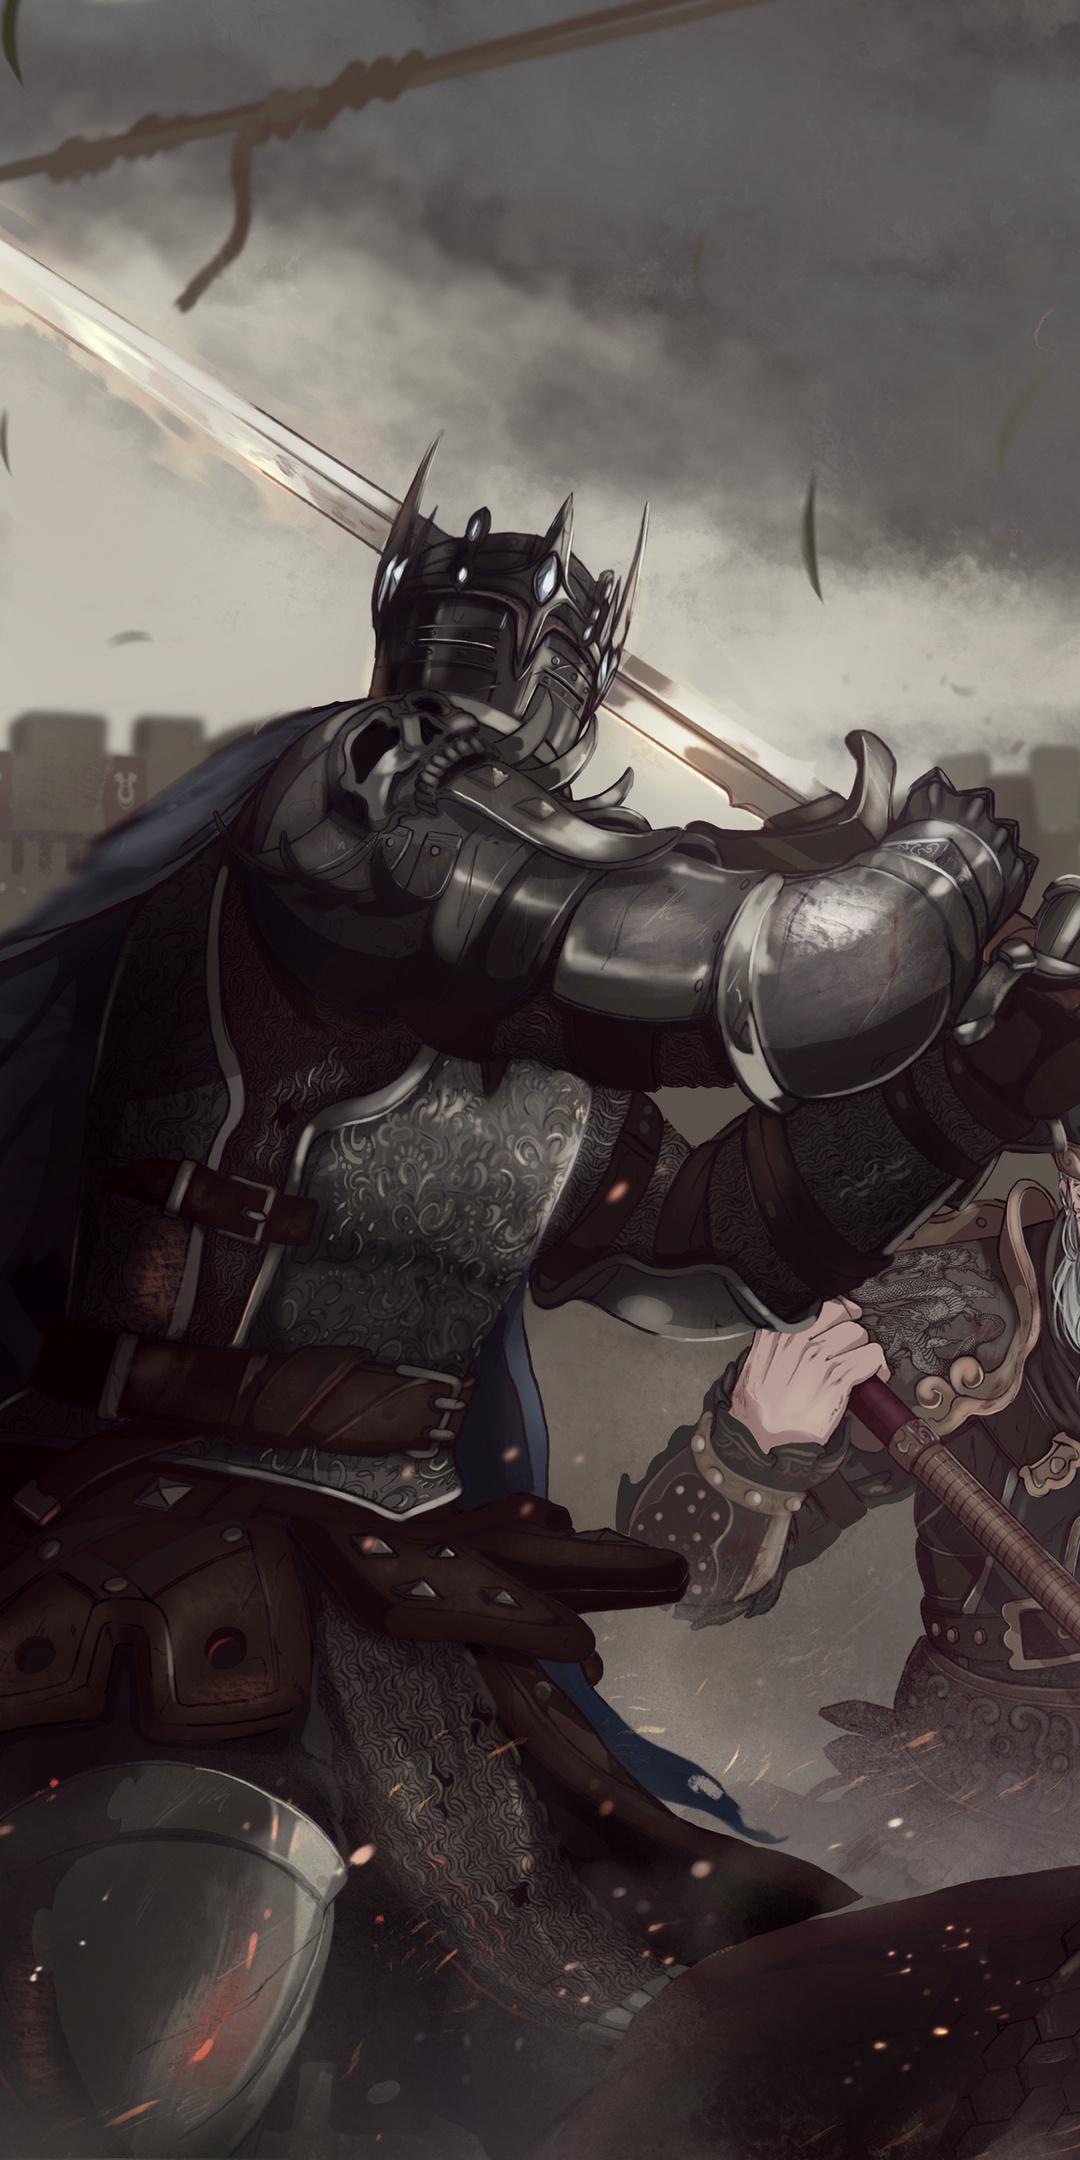 for-honor-game-5k-t4.jpg